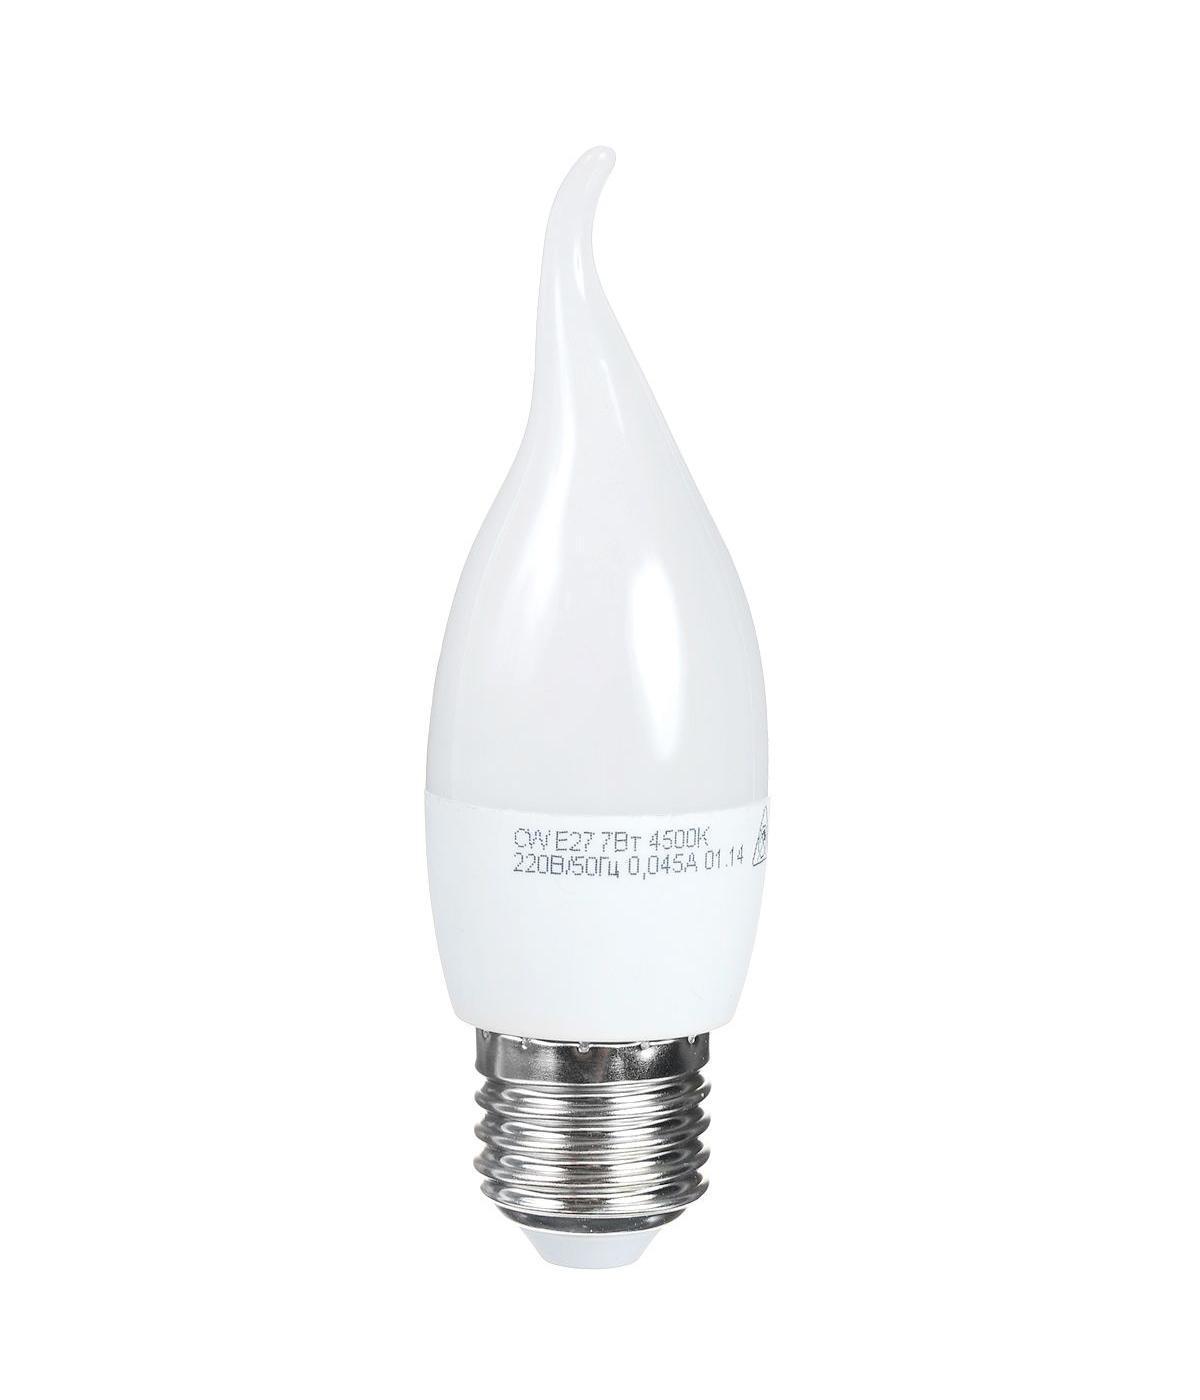 Светодиодная лампа Kosmos, белый свет, цоколь E27, 7W, 220V. Lksm_LED7wCWE2745Lksm_LED7wCWE2745Светодиодная лампа Kosmos инновационный и экологичный продукт, специально разработанный для эффективной замены любых видов галогенных или обыкновенных ламп накаливания во всех типах осветительных приборов. Основные преимущества лампы Kosmos: Служит 30000 часов, что в 30 раз дольше лампы накаливания. Экономична - сберегает до 90% электроэнергии. Обладает высокой механической прочностью и вибростойкостью. Устойчива к перепадам температуры (от -40°С до +50°С). Уважаемые клиенты! Обращаем ваше внимание на возможные изменения в дизайне упаковки. Качественные характеристики товара остаются неизменными. Поставка осуществляется в зависимости от наличия на складе.